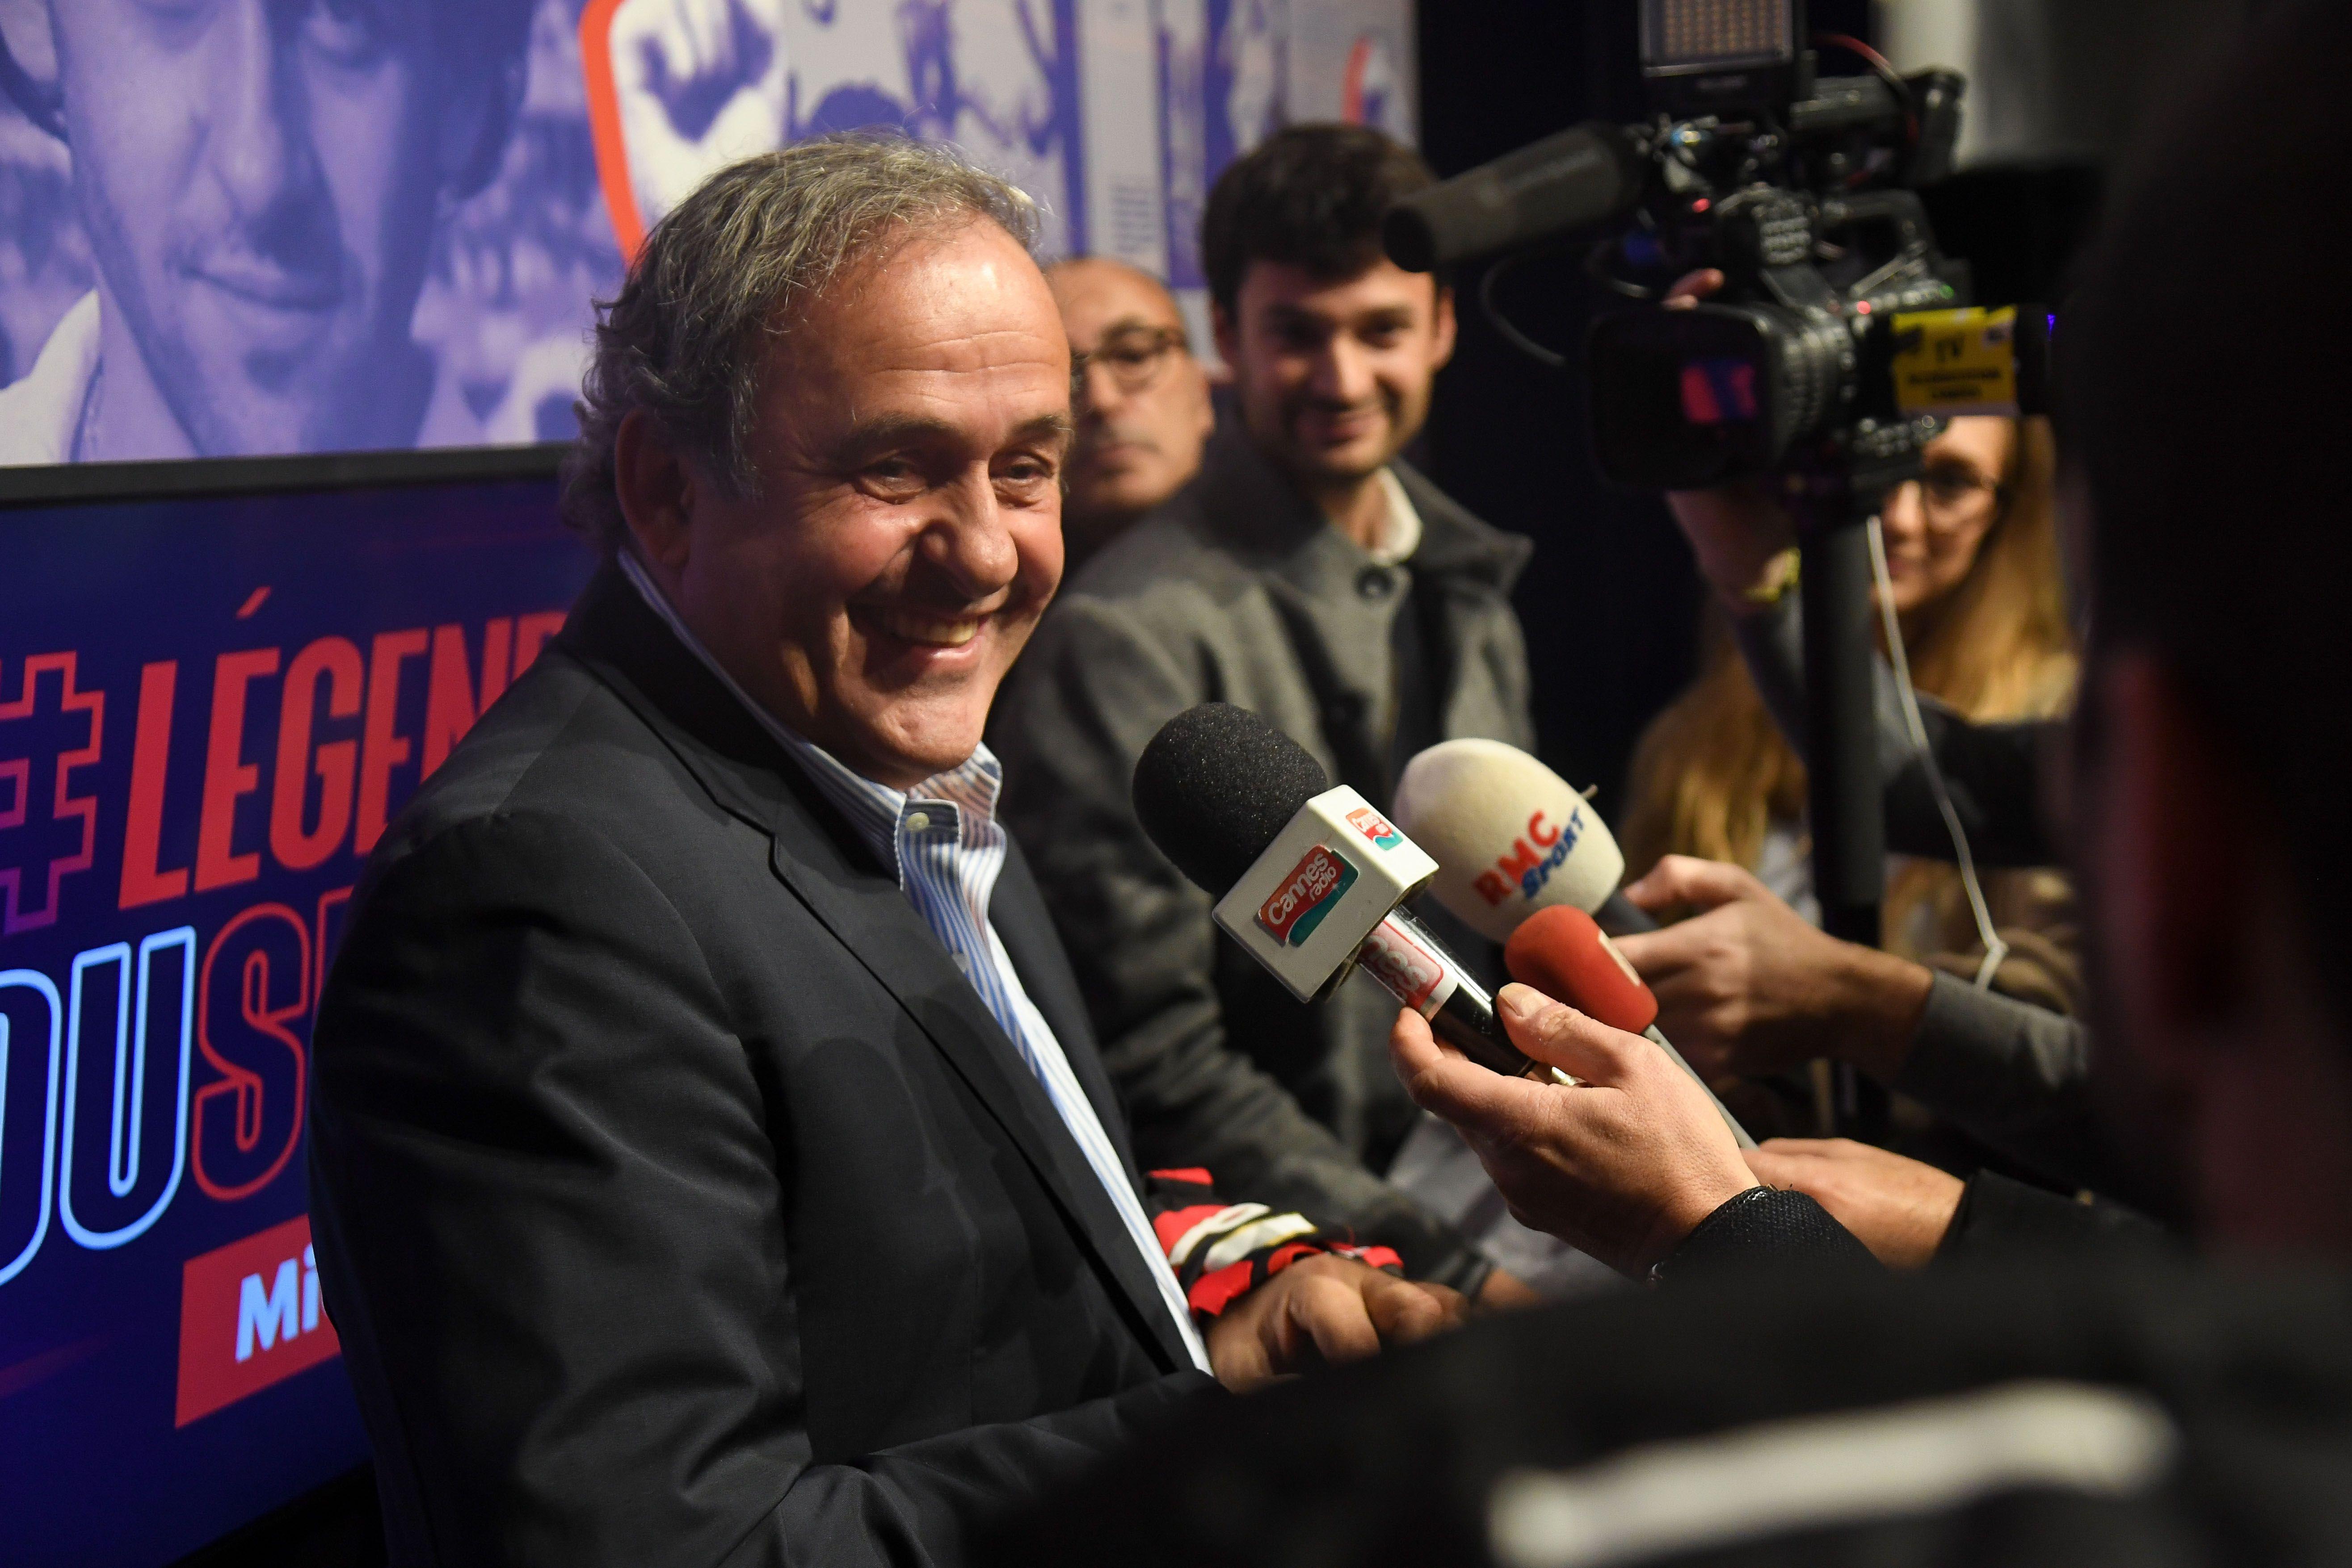 Football - De retour aux affaires, Platini s'engage pour défendre les intérêts des joueurs